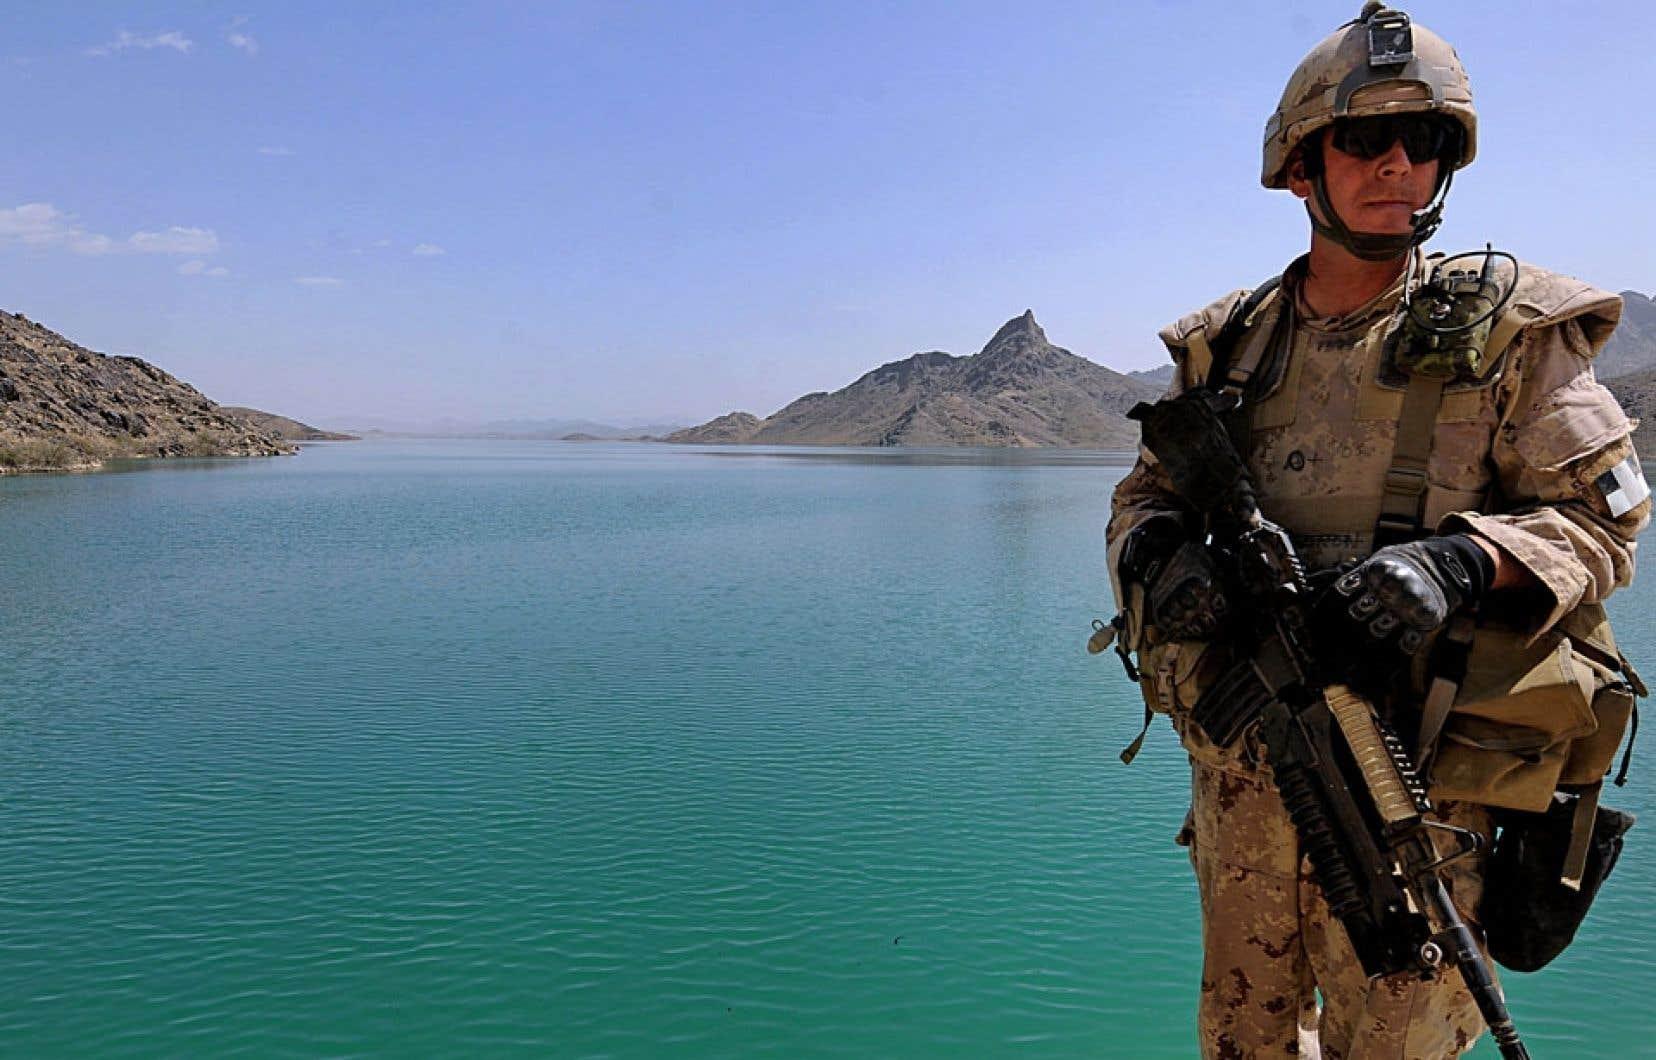 Après douze ans de présence, l'armée canadienne quitte définitivement l'Afghanistan cette semaine. Un peu plus de 40 000 soldats canadiens y ont servi, 158 d'entre eux n'en sont jamais revenus.